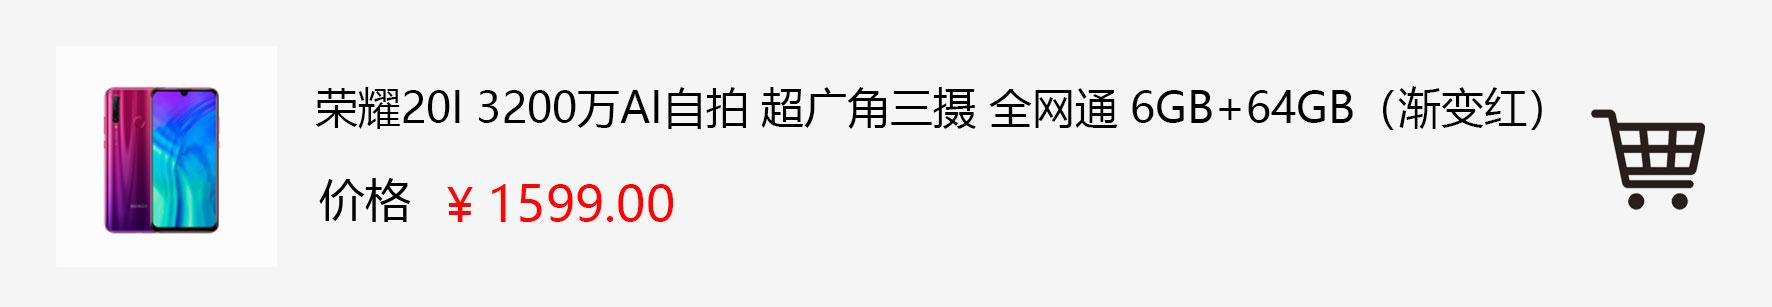 荣耀20I快捷购买链接.jpg